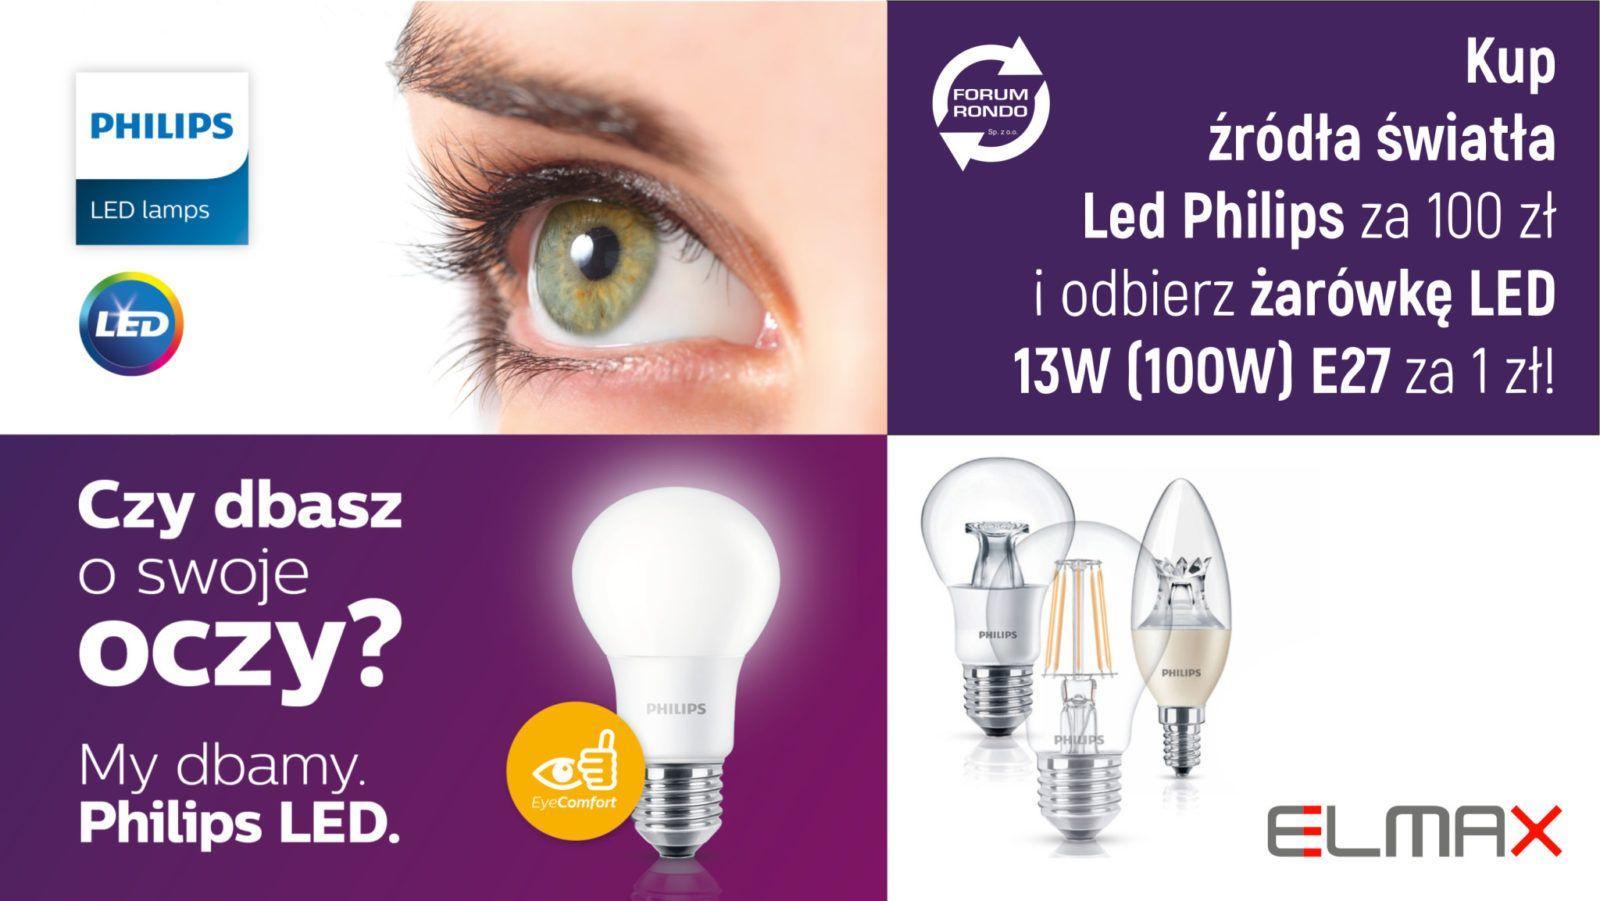 Czy dbasz o swoje oczy?